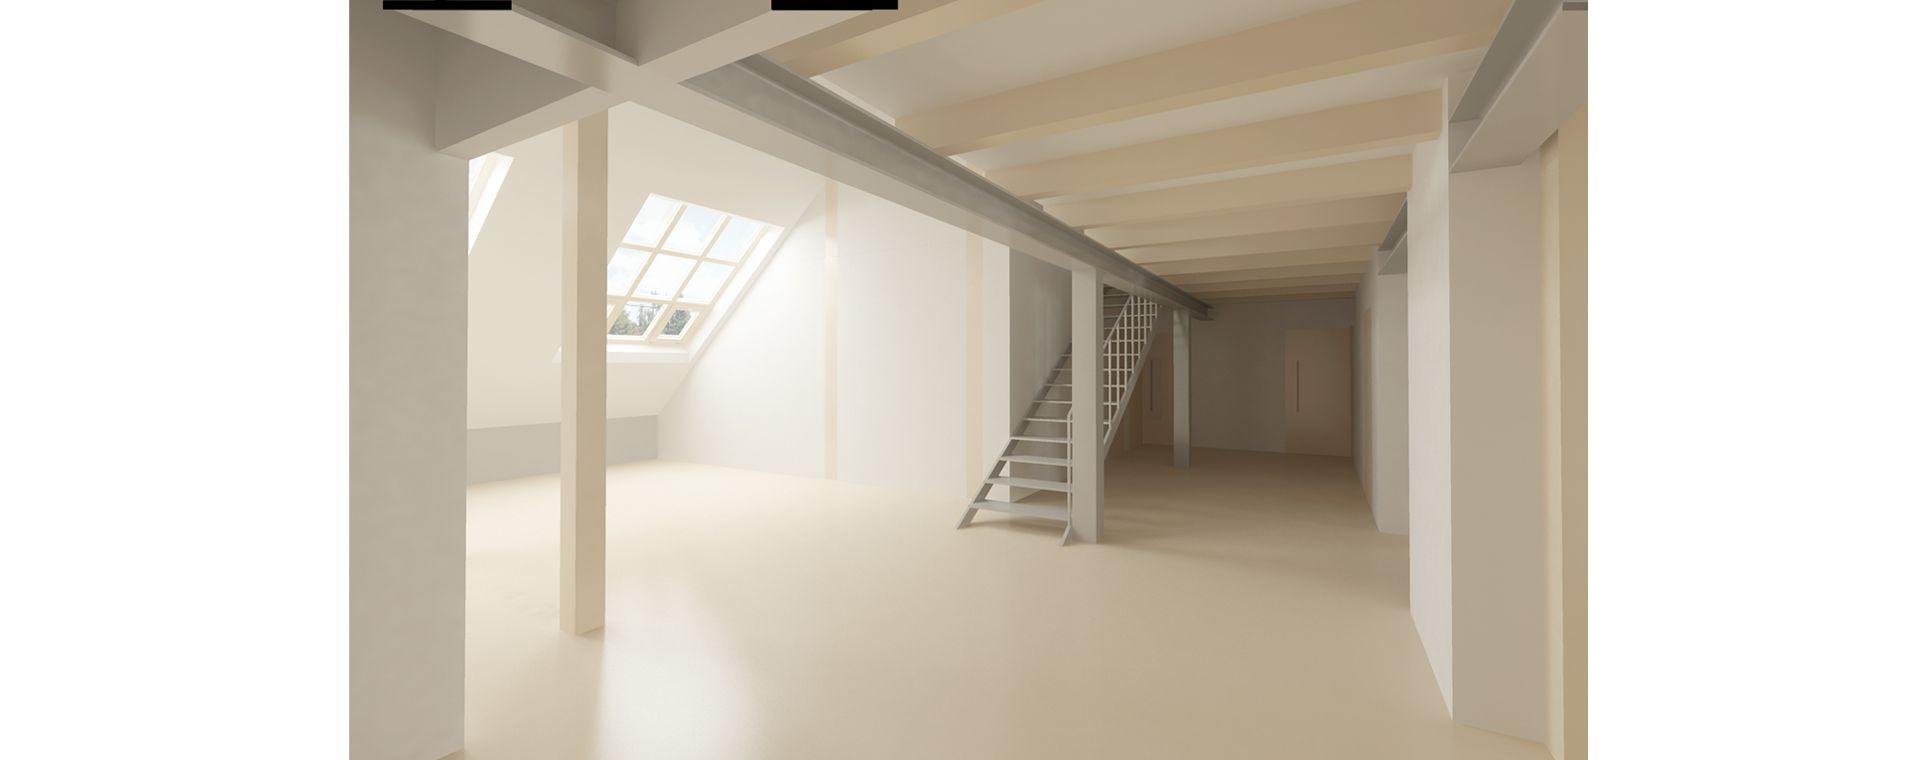 Duplex project renovation /maisonette / mezonet / loft and realization with elevator, Korunovační, Prague 7, 2017-2020, CZ